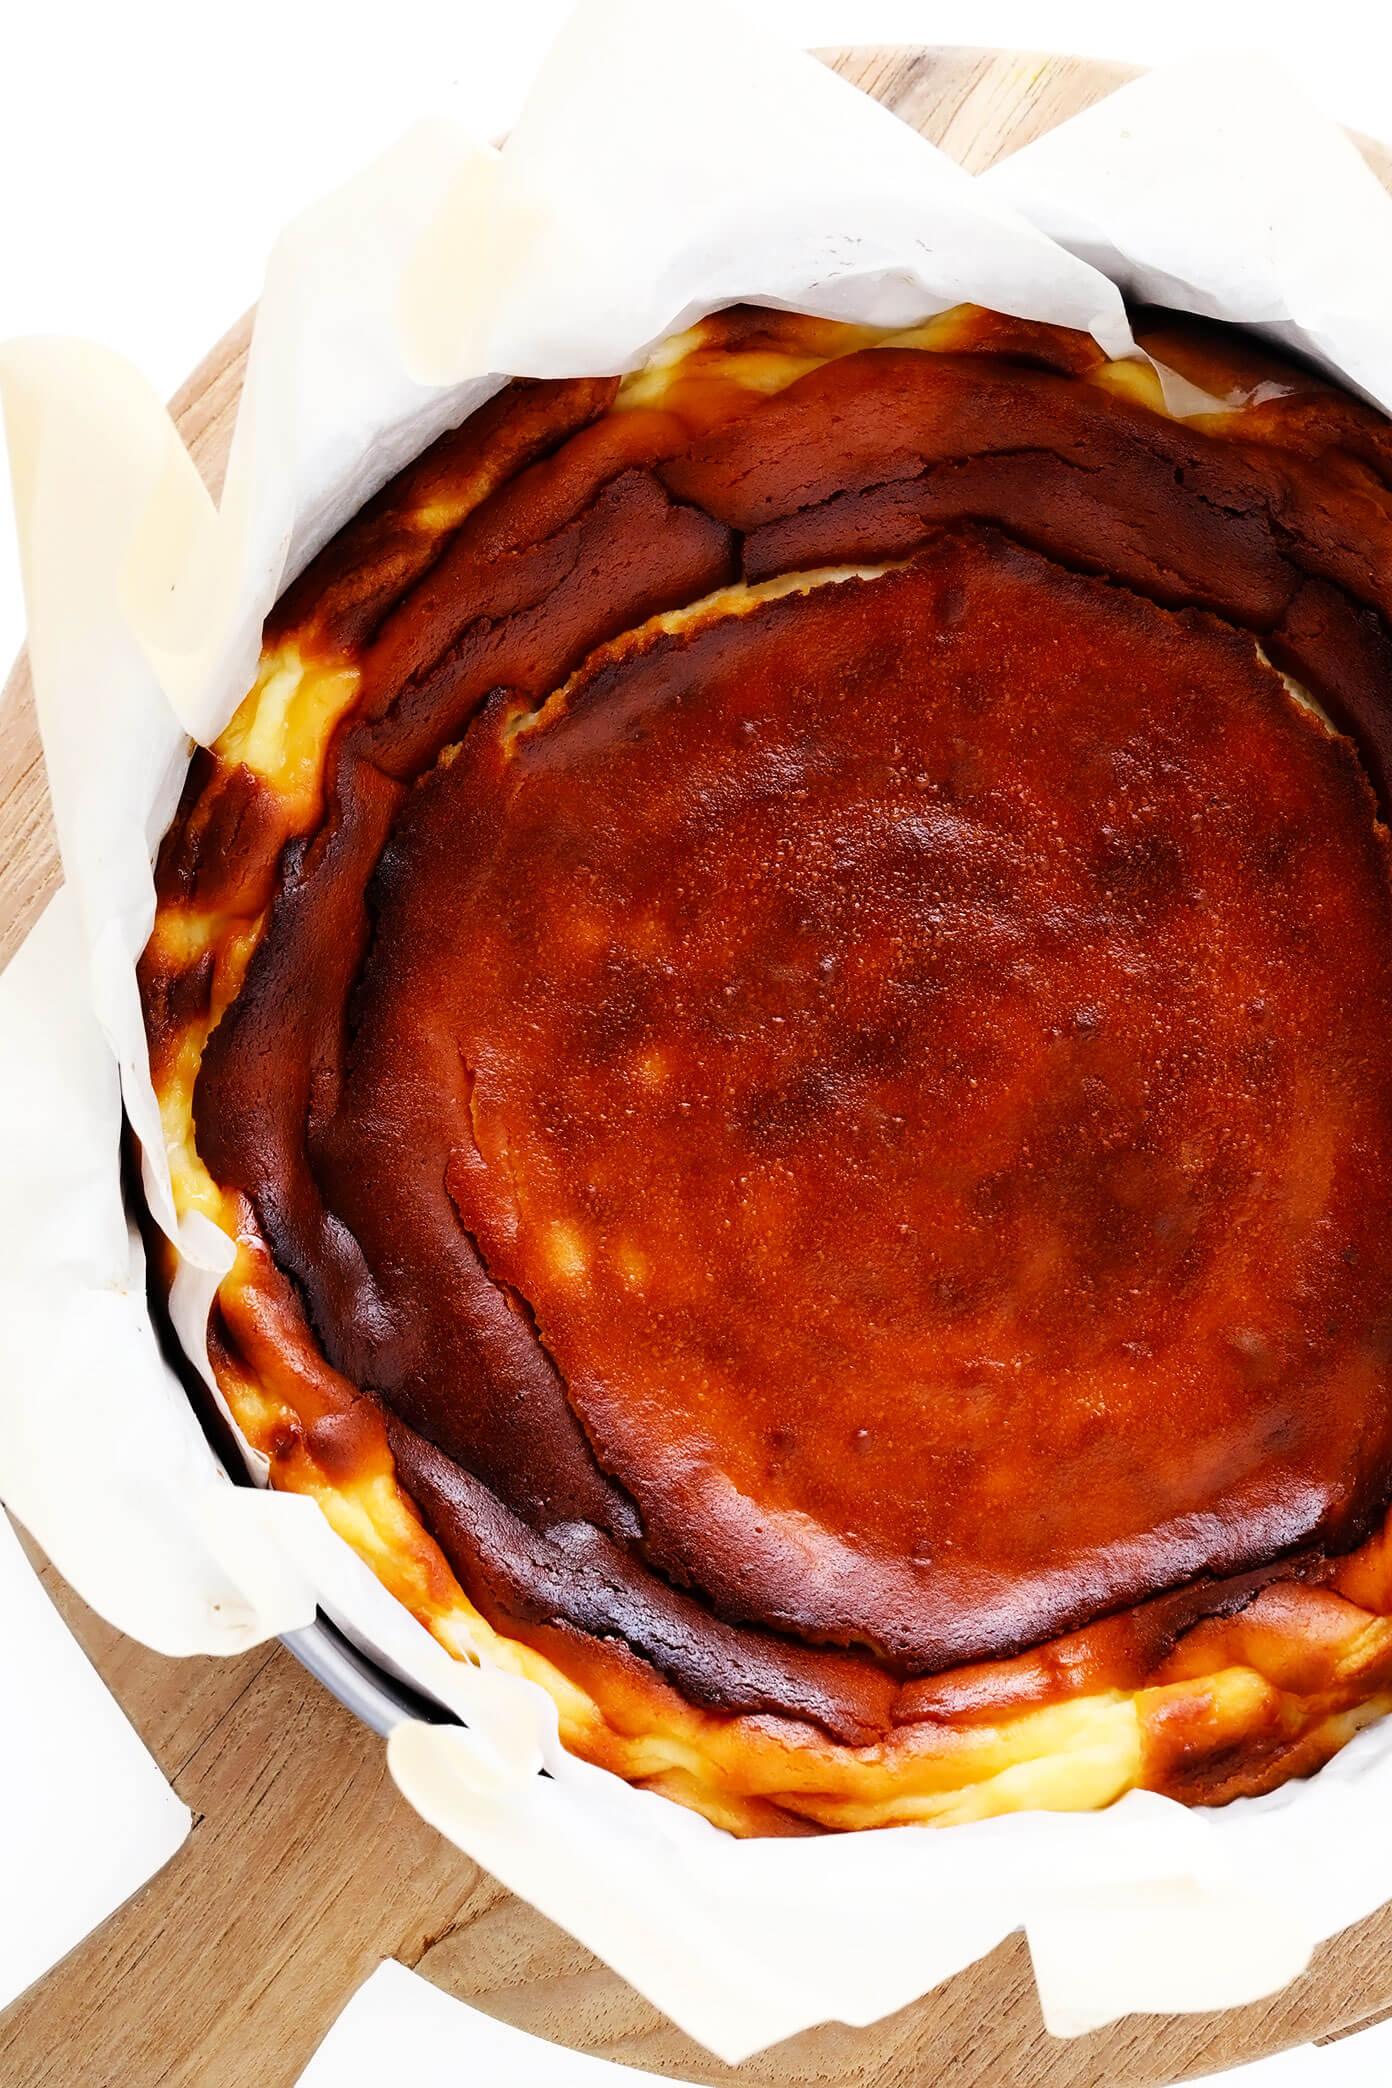 Basque Cheesecake Recipe in Springform Pan